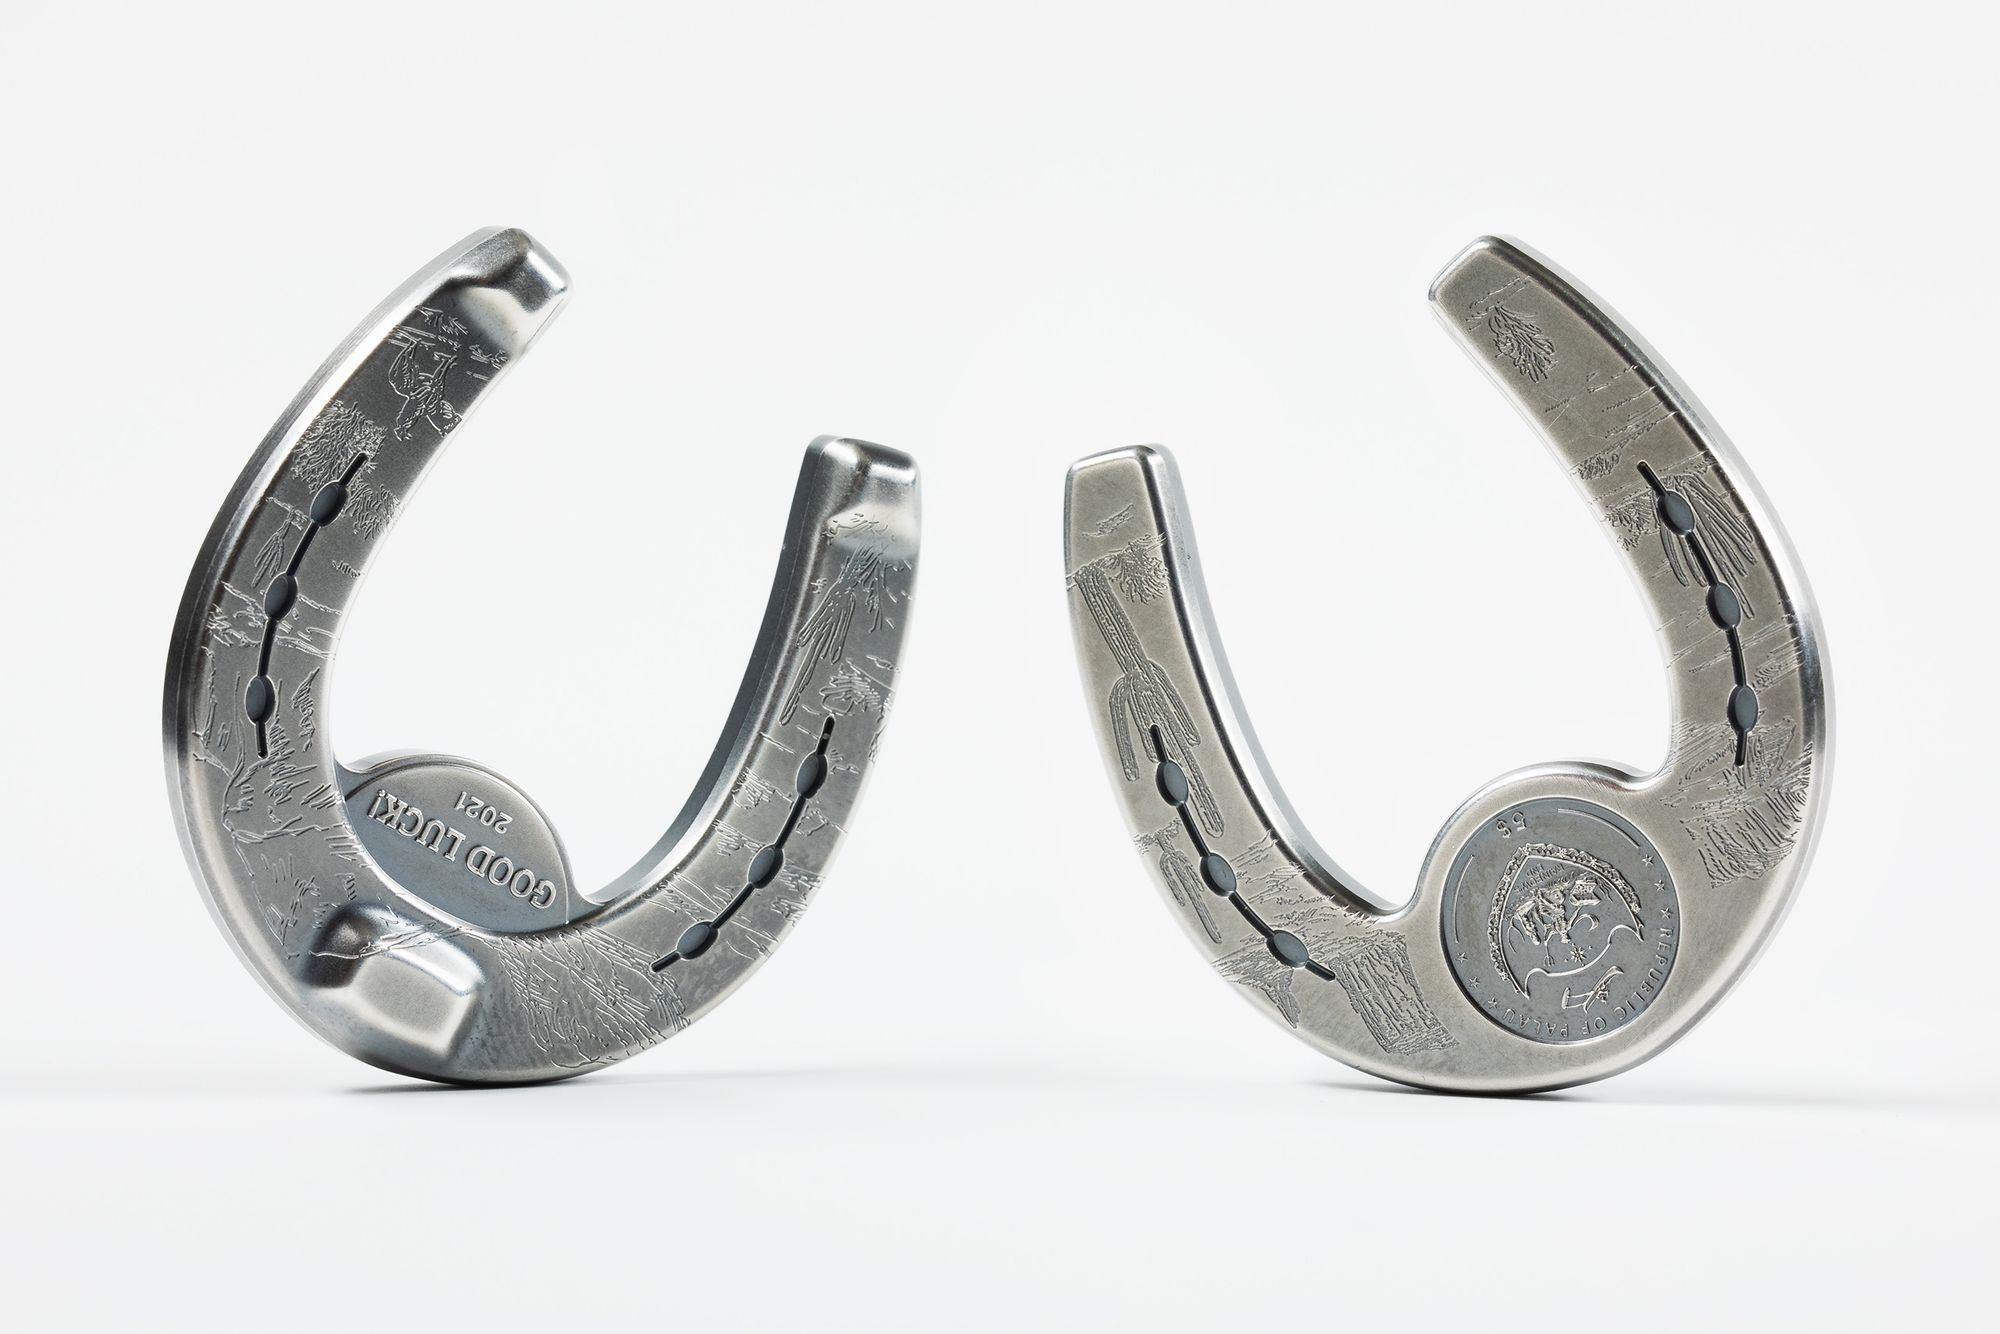 2021 Silver Charms Lucky Horseshoe 1oz Silver Coin